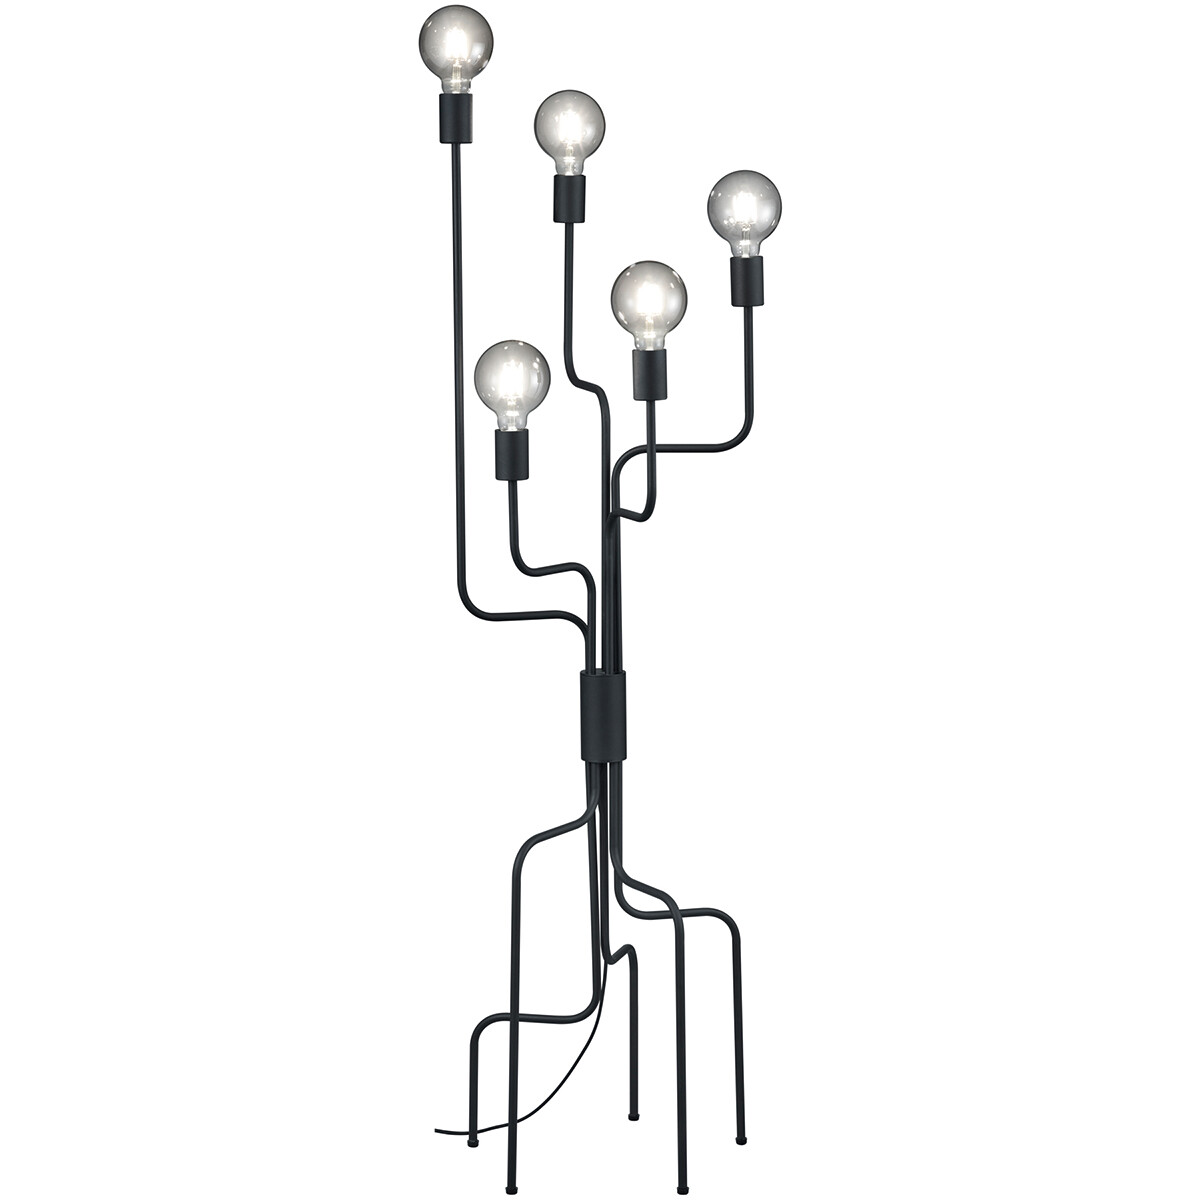 LED Vloerlamp - Trion Conar - E27 Fitting - Rond - Mat Zwart - Aluminium